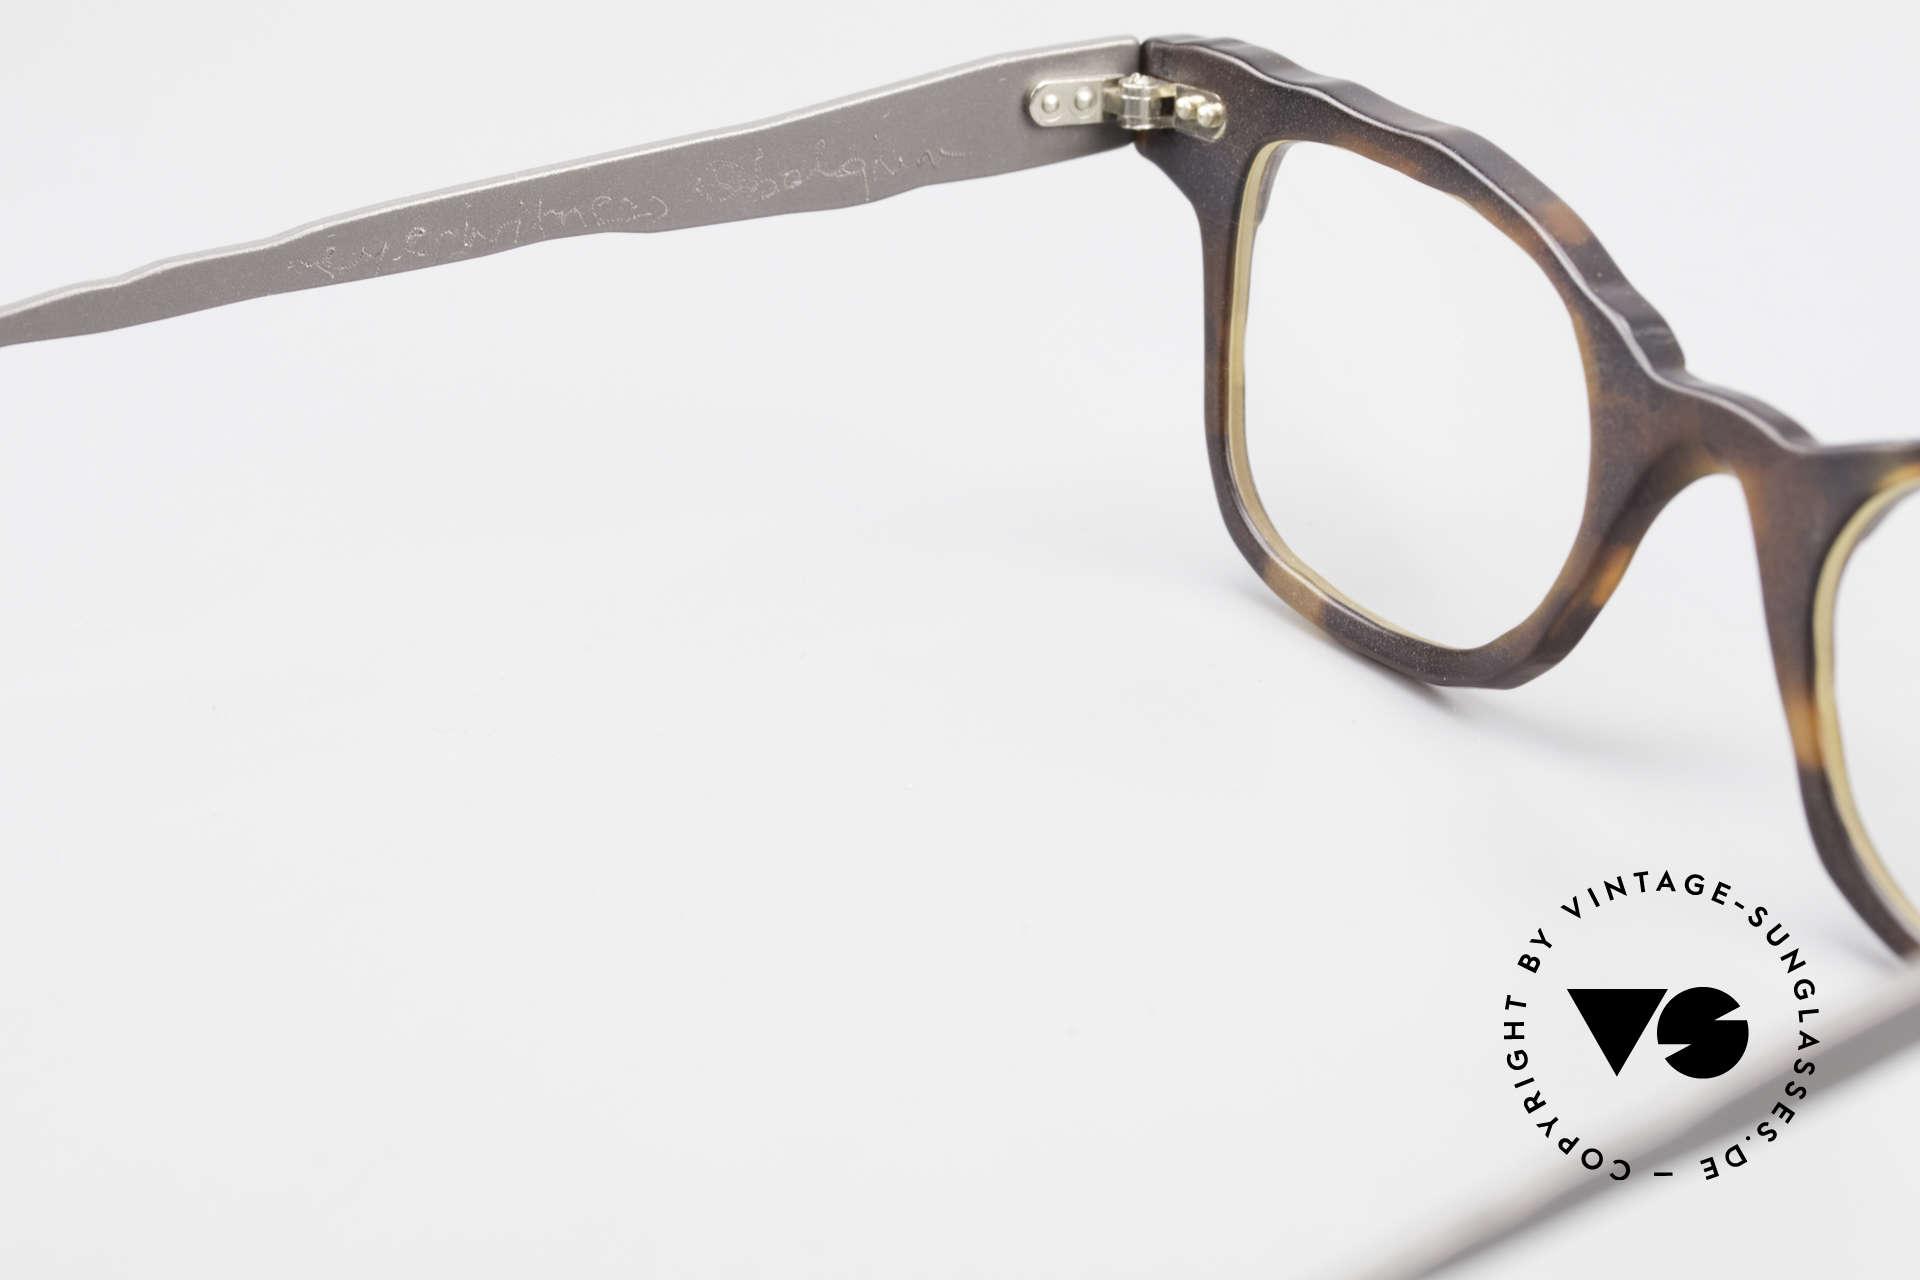 Theo Belgium Eye-Witness Avantgarde Titan Brille 90er, sozusagen: vintage Brillenfassung mit Symbol-Charakter, Passend für Herren und Damen